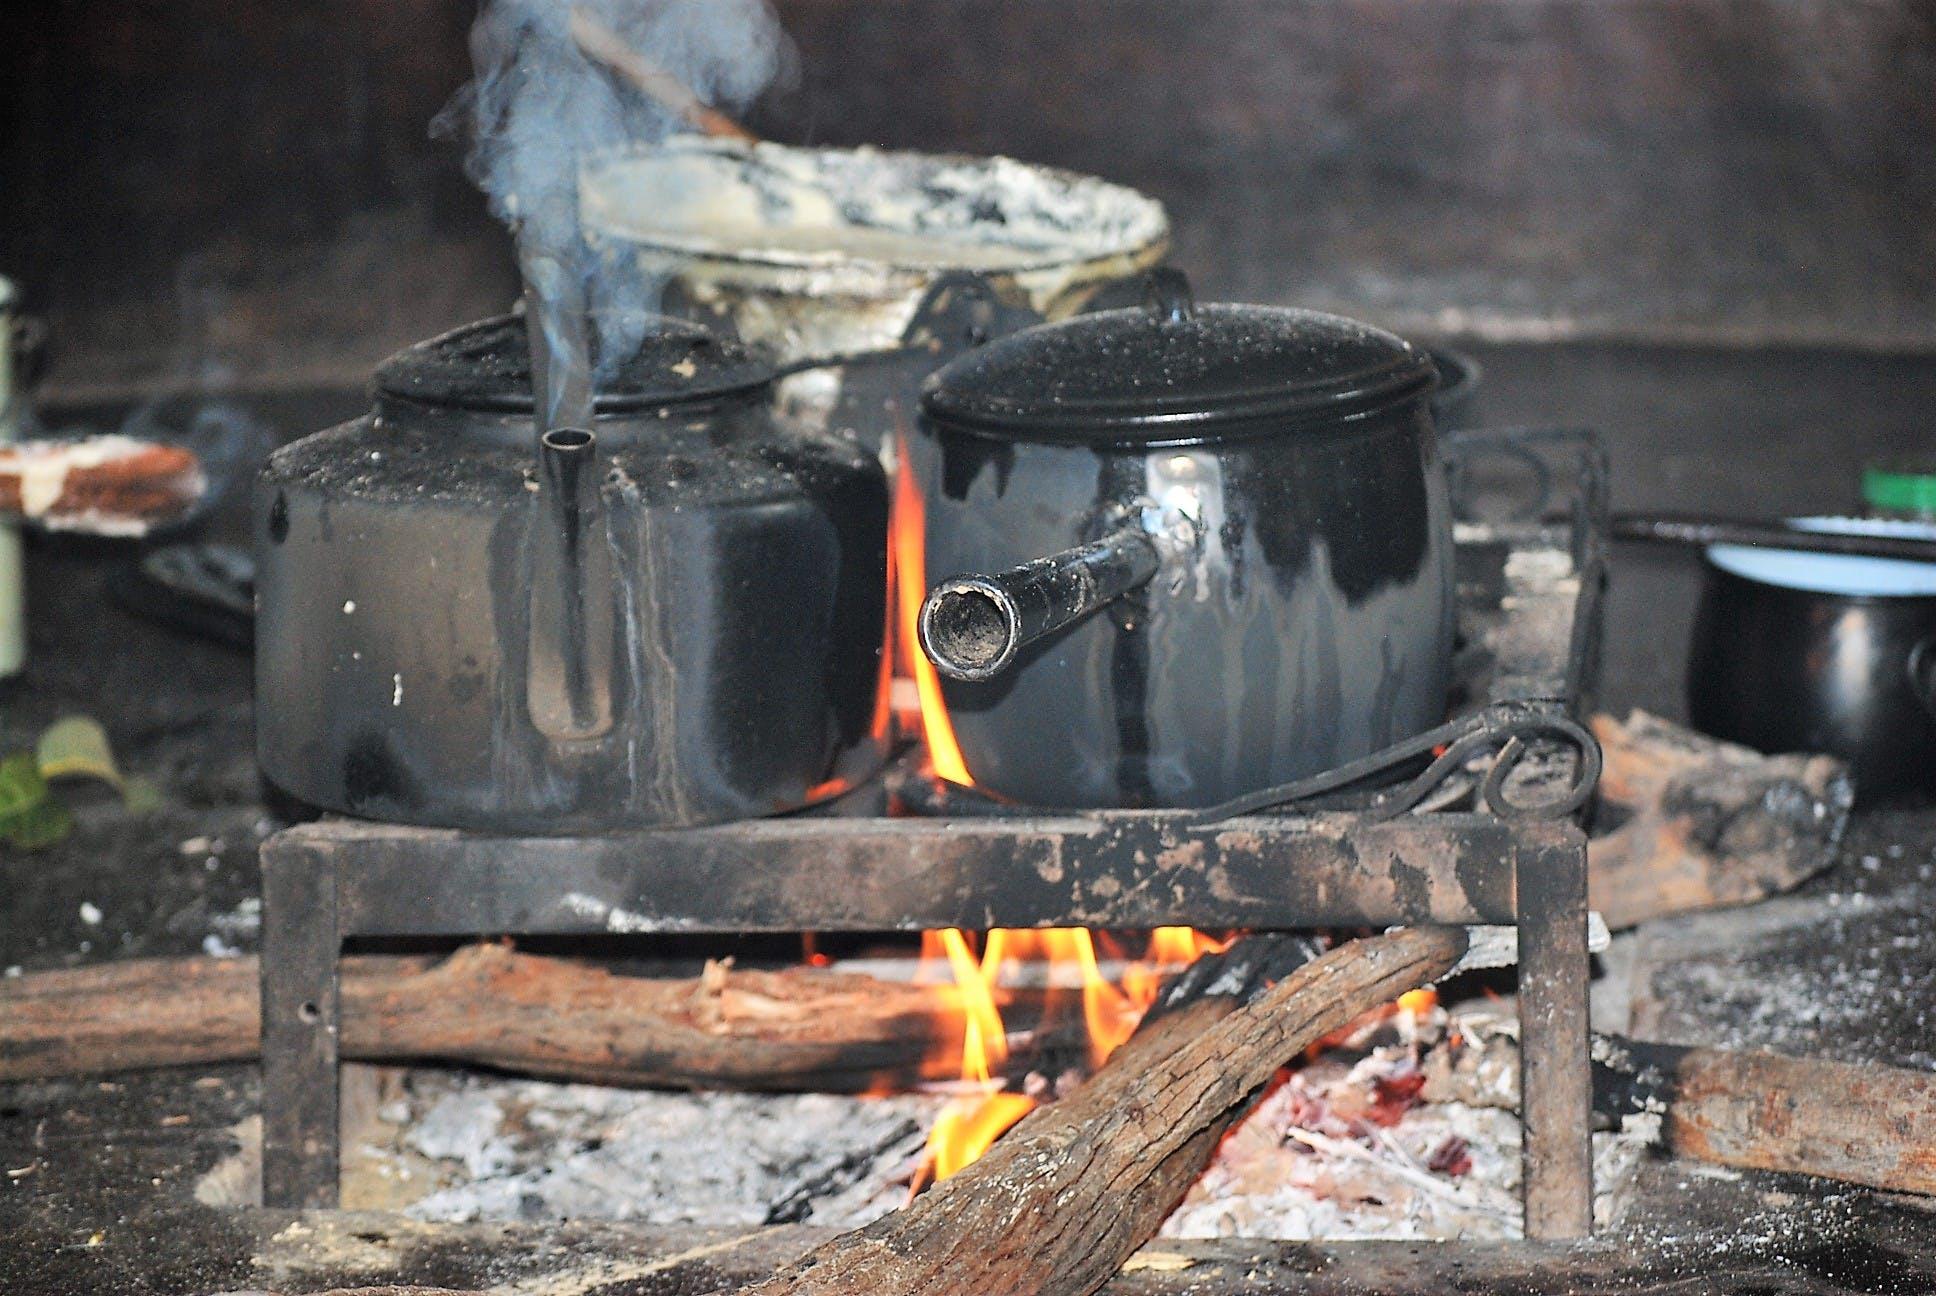 Gratis lagerfoto af madlavning på åben ild